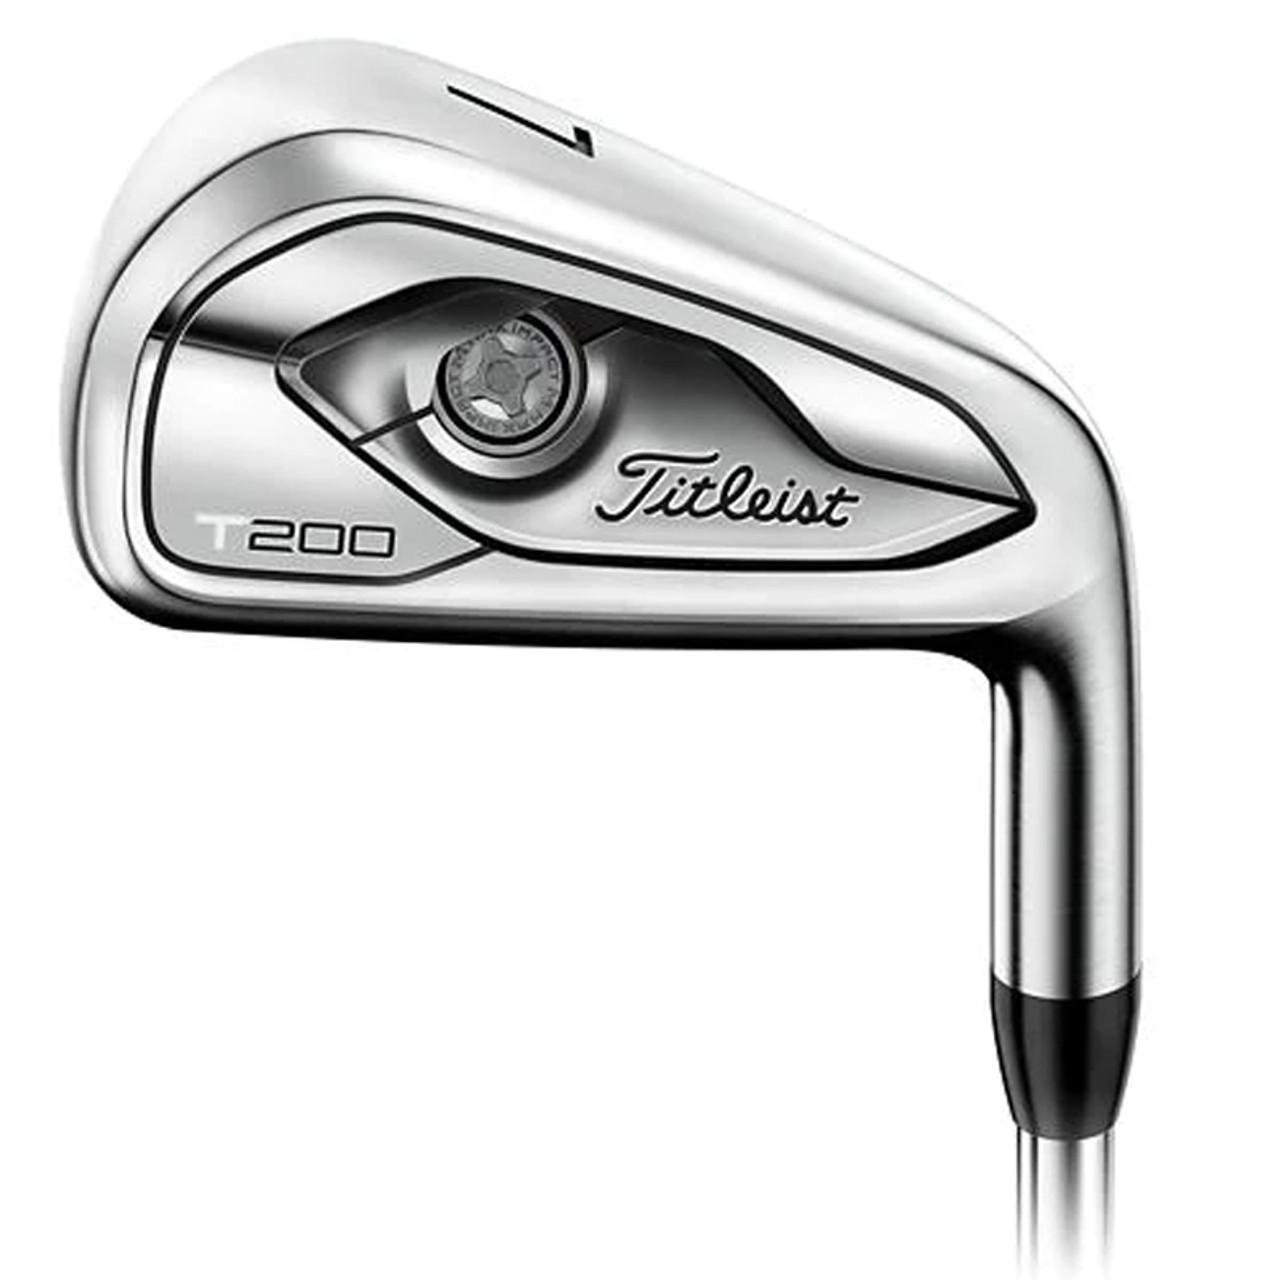 Titleist T200 Iron Sets